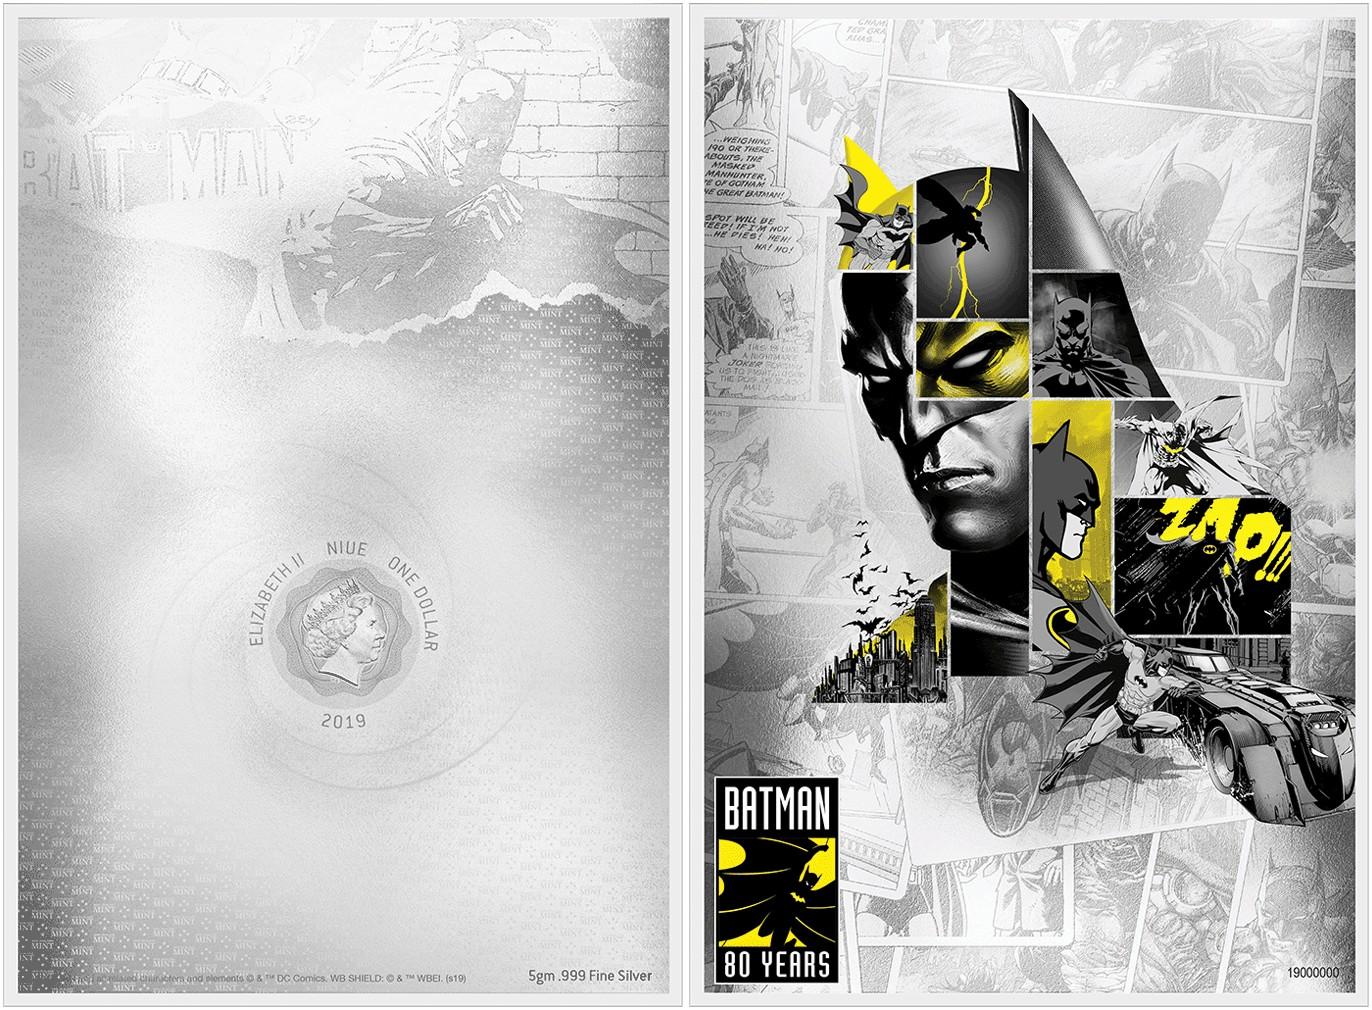 niue-2019-poster-batman